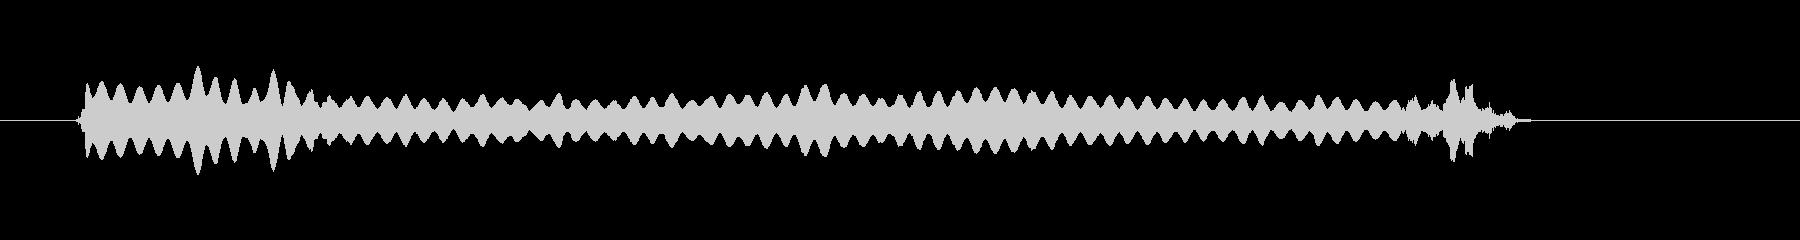 Rock Guitar Disto...の未再生の波形